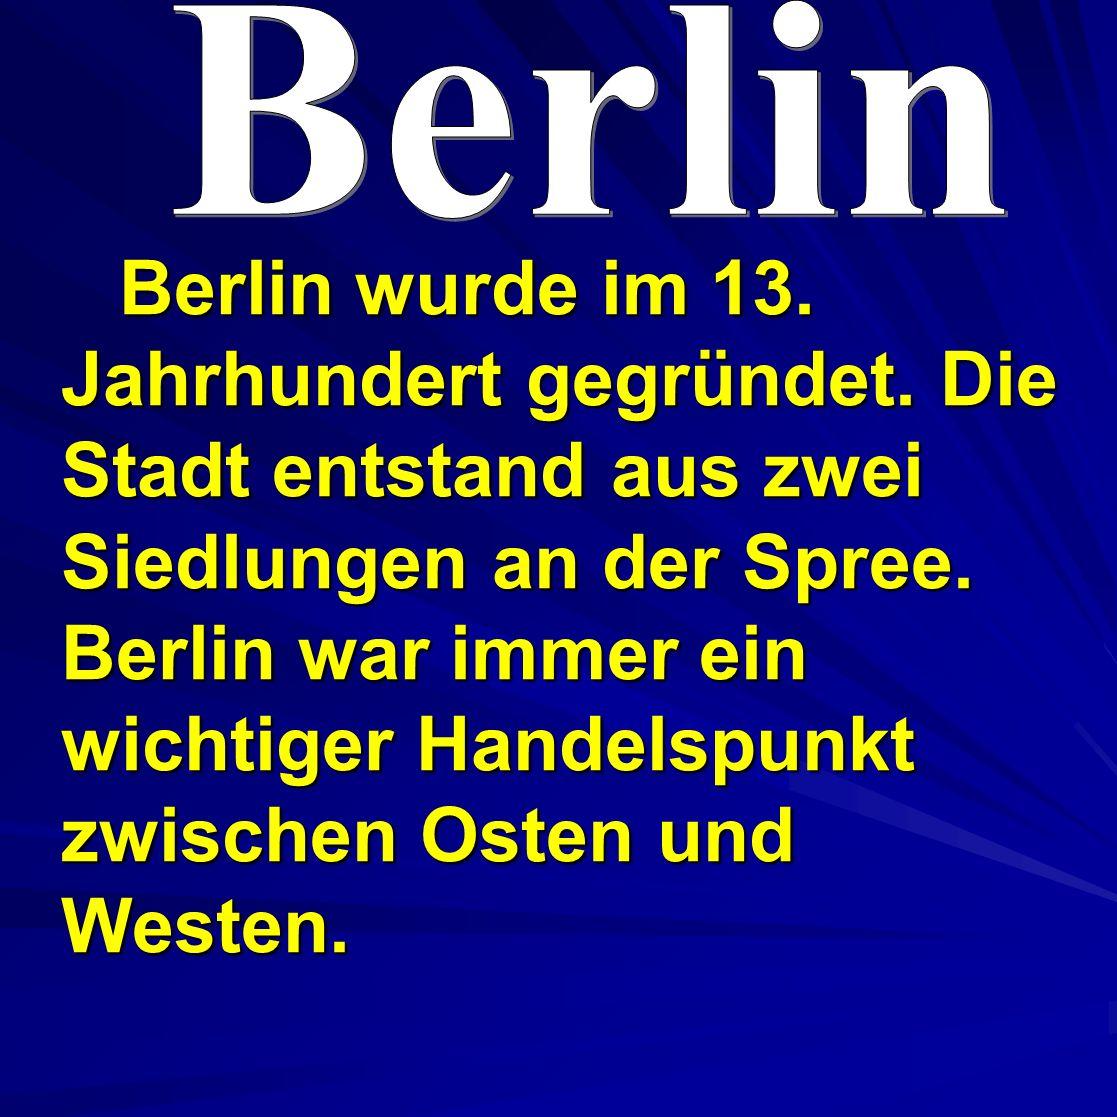 Berlin wurde im 13.Jahrhundert gegründet. Die Stadt entstand aus zwei Siedlungen an der Spree.